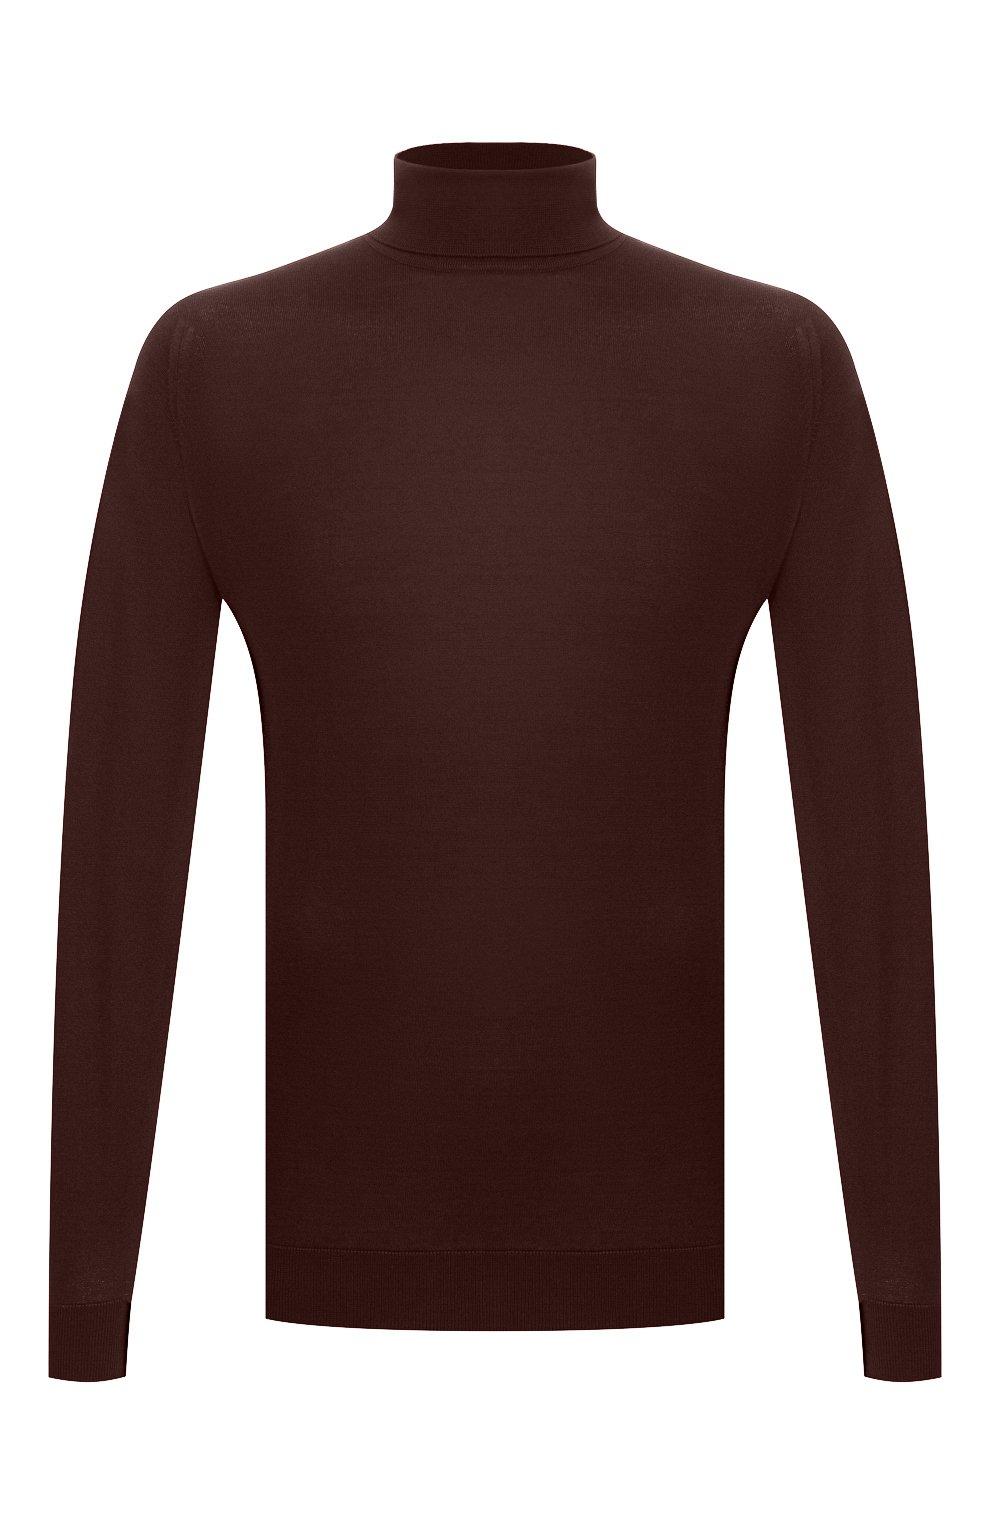 Мужской хлопковая водолазка JOHN SMEDLEY темно-коричневого цвета, арт. HAWLEY | Фото 1 (Рукава: Длинные; Принт: Без принта; Длина (для топов): Стандартные; Материал внешний: Хлопок; Мужское Кросс-КТ: Водолазка-одежда; Стили: Кэжуэл)